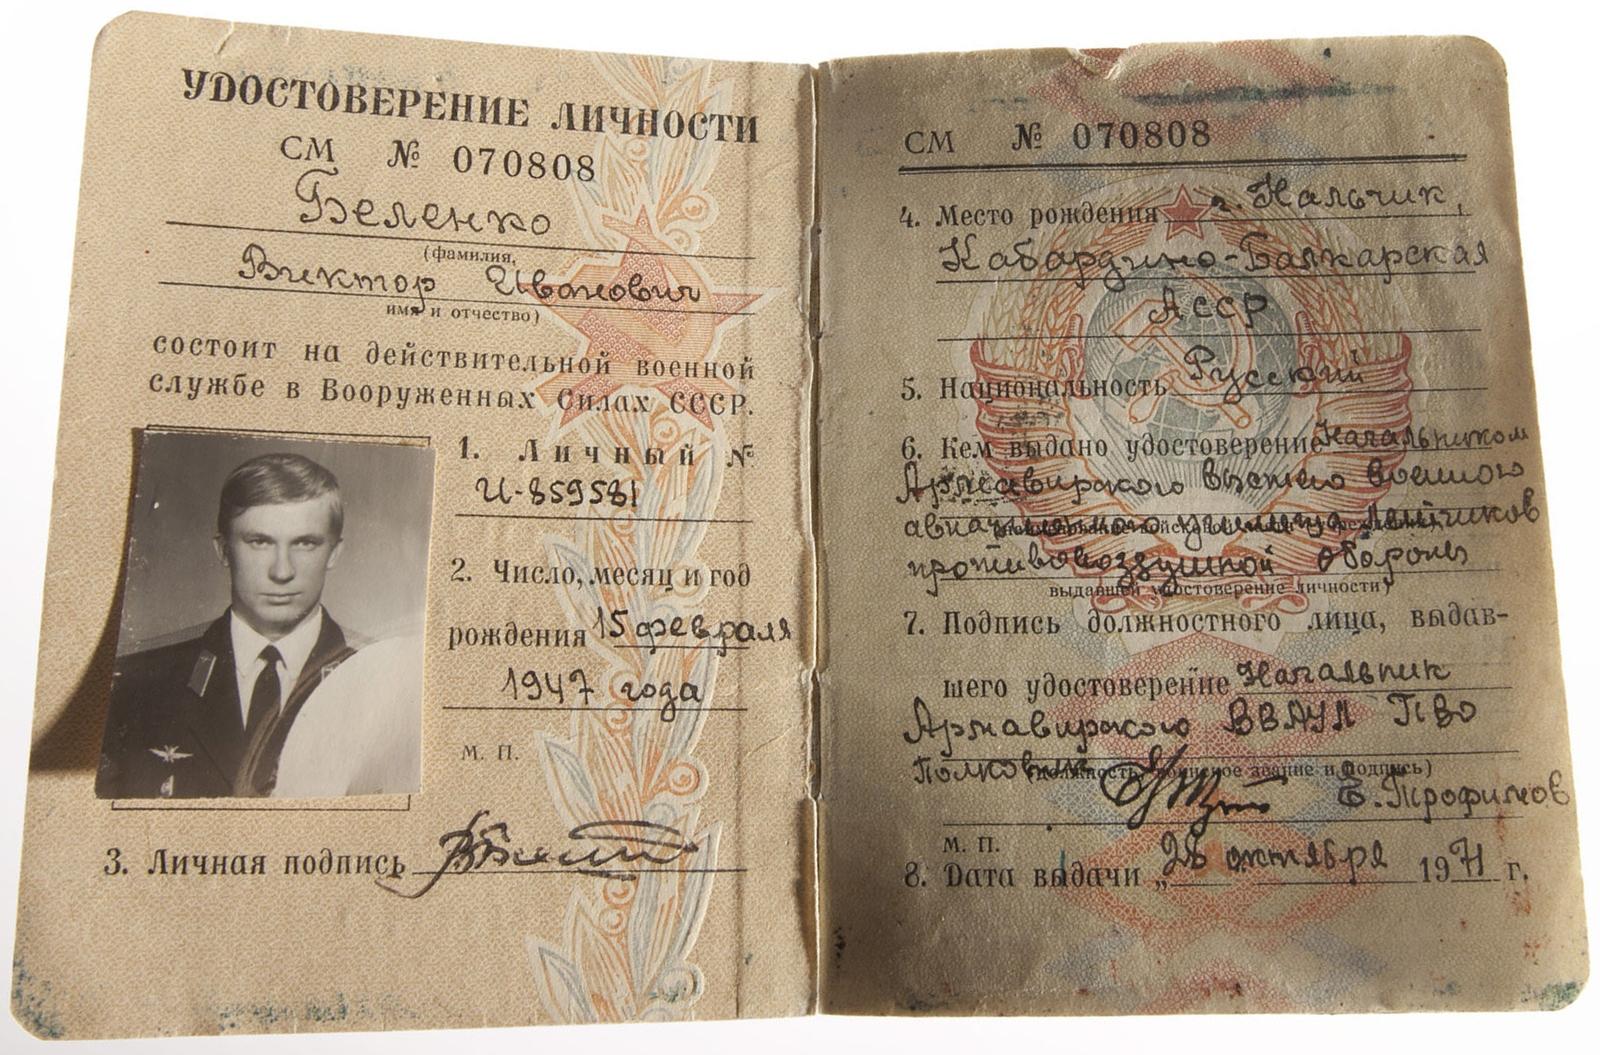 Удостоверение личности Виктора Беленко